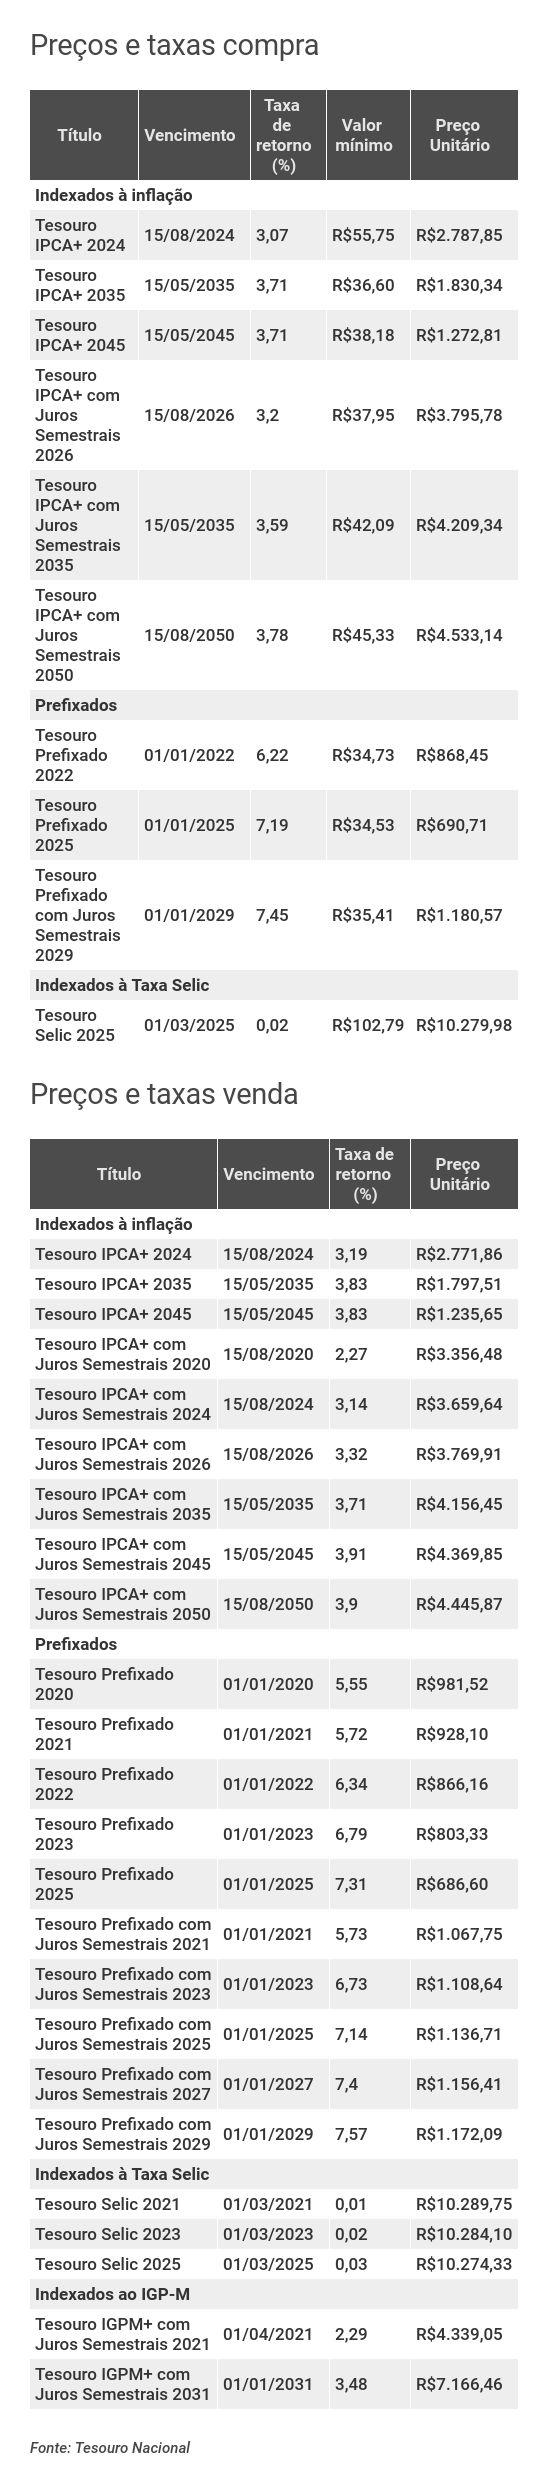 Preços e taxas do Tesouro Direto em 28 de agosto de 2019